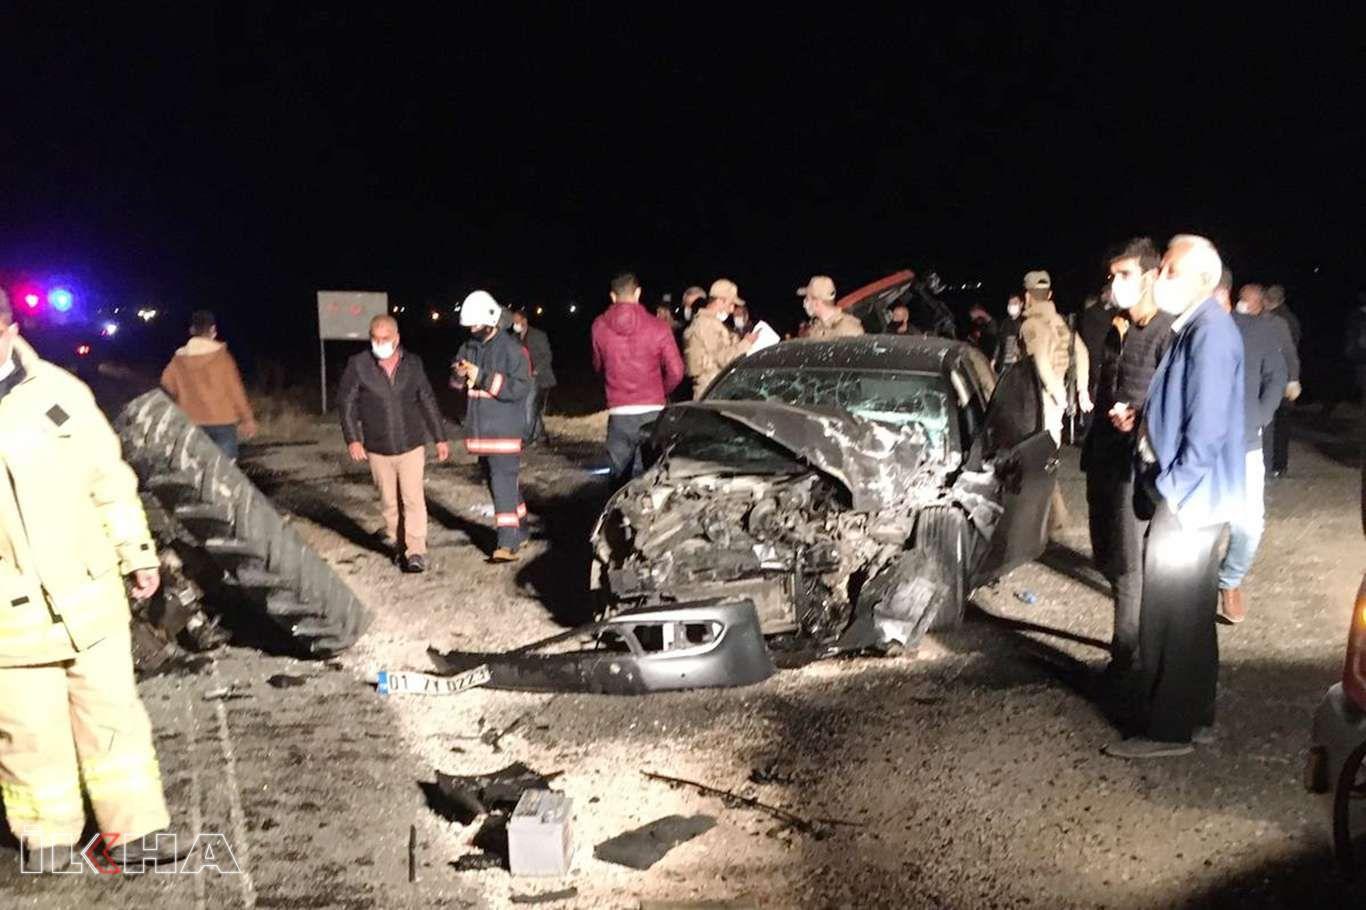 Nusaybin İpekyolu'nda otomobil ile traktörün çarpıştığı kazada 5 kişi yaralandı